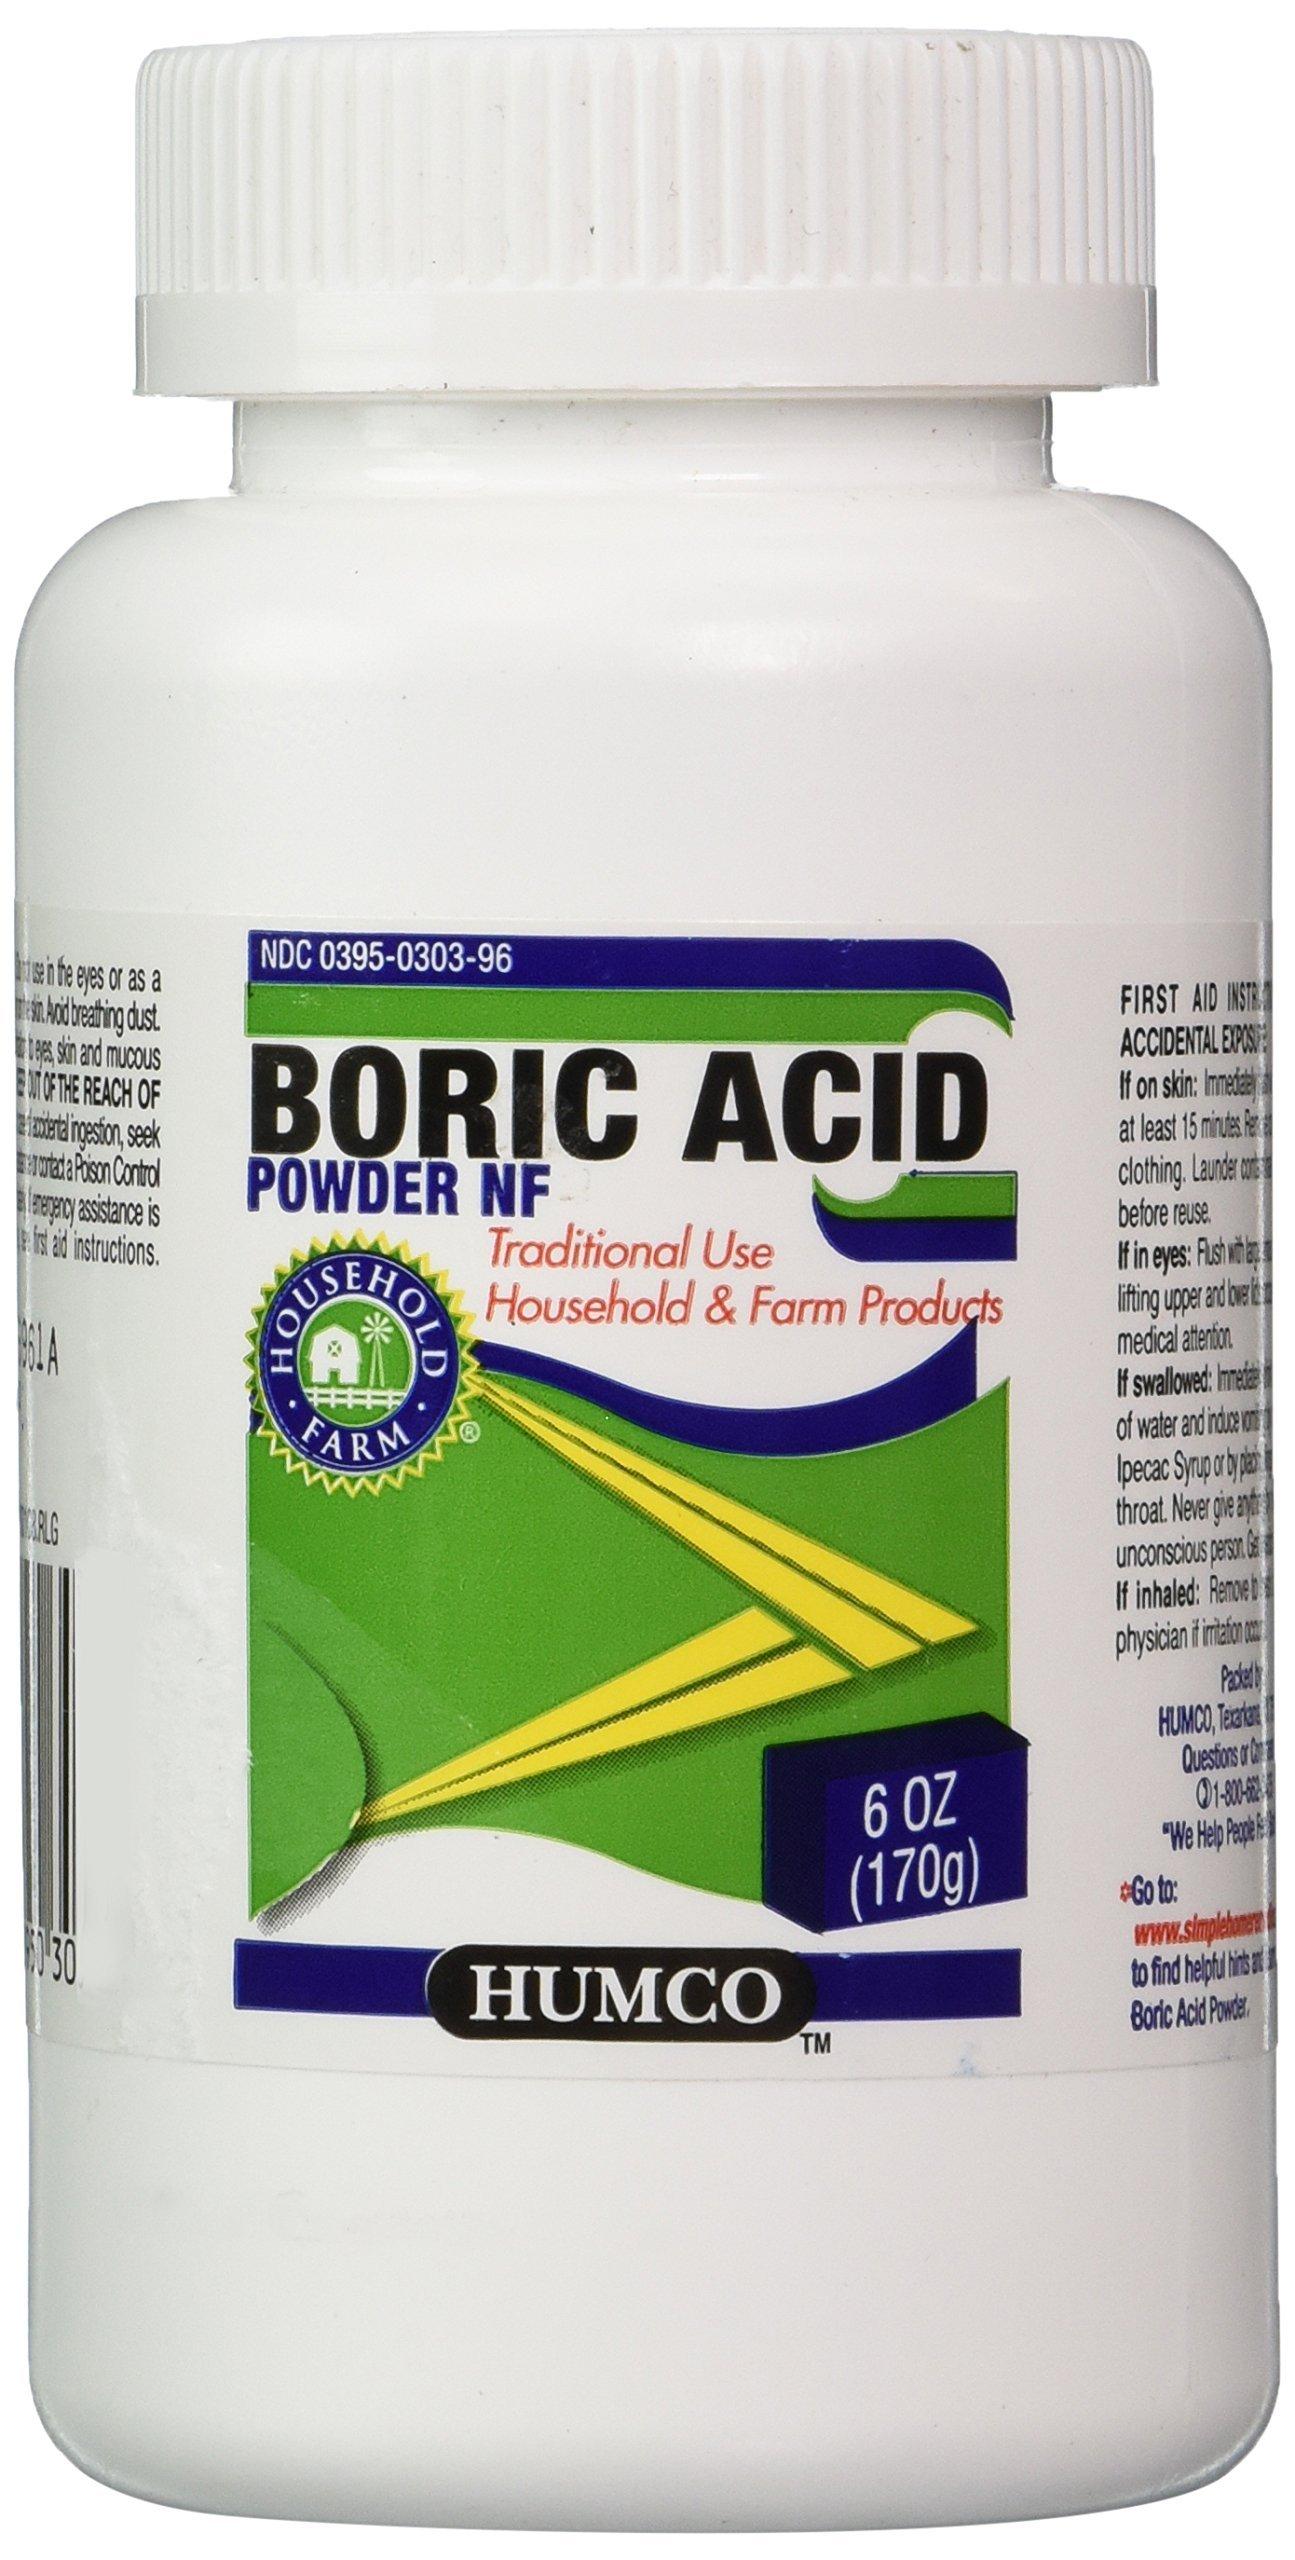 HUMCO HOLDING GROUP 303950303963 Boric Acid Powder, 6 oz.